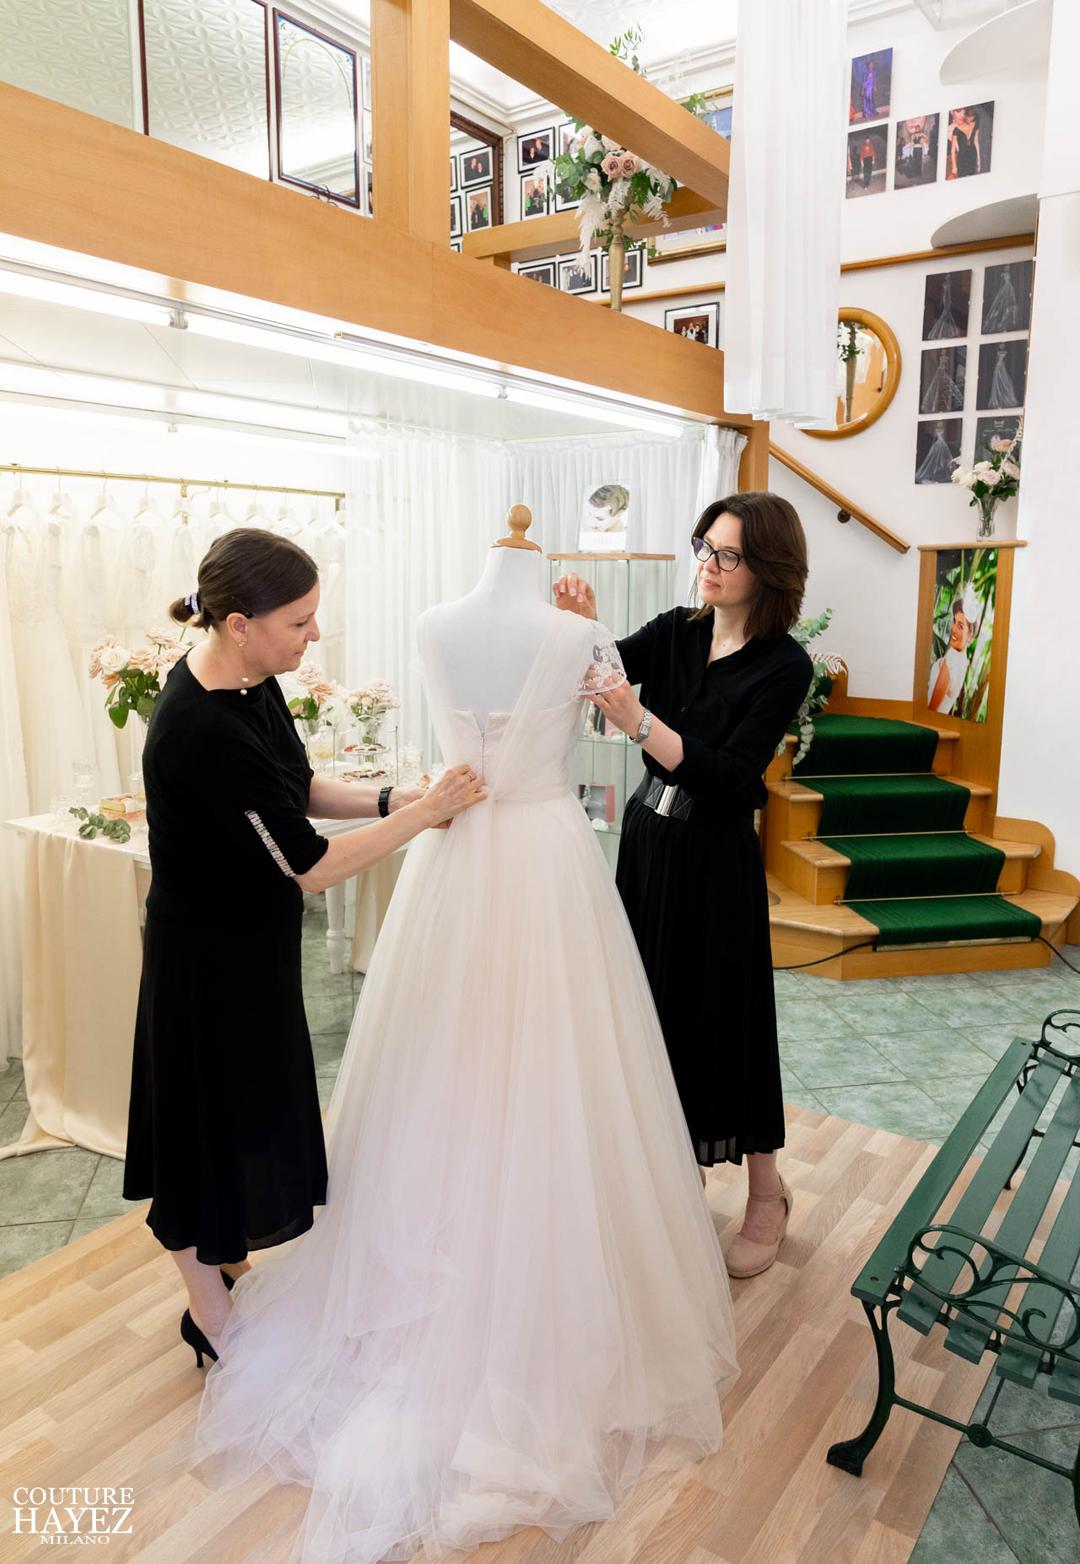 ultima prova abito da sposa Loriana e Christine, i migliori atelier sposa a milano